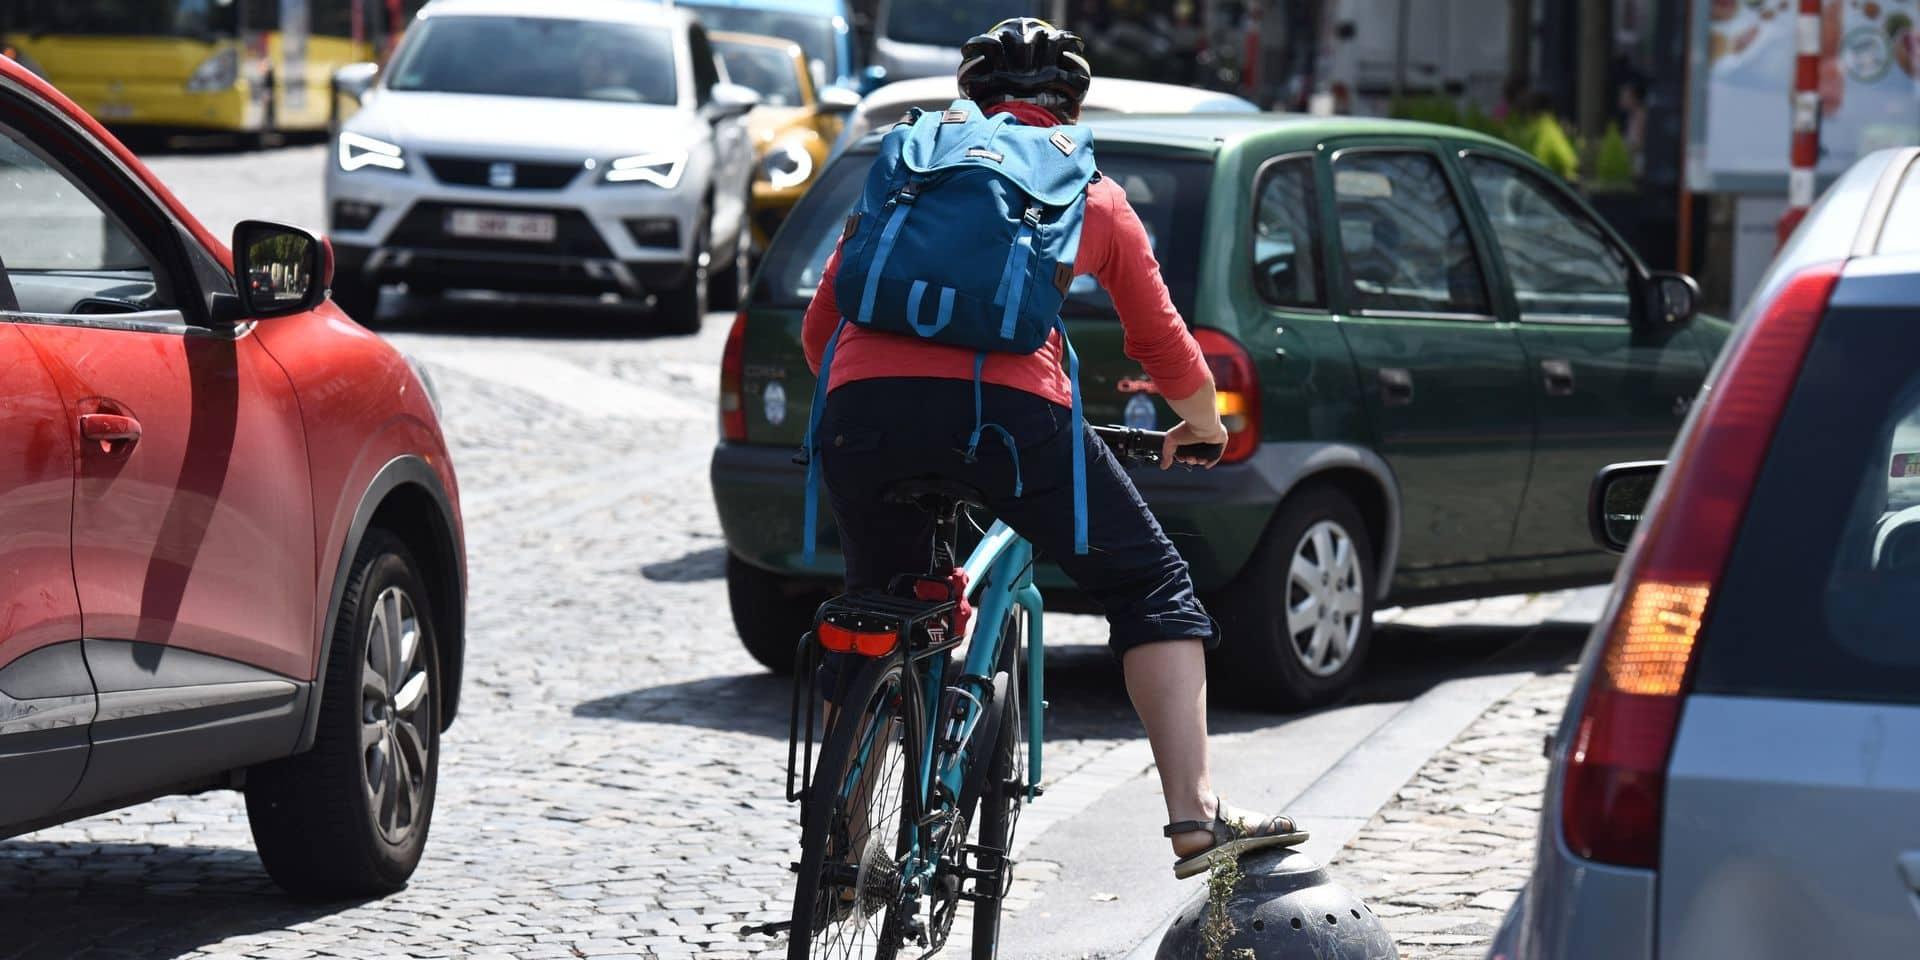 Un cycliste violemment agressé par un automobiliste... sur une piste cyclable !